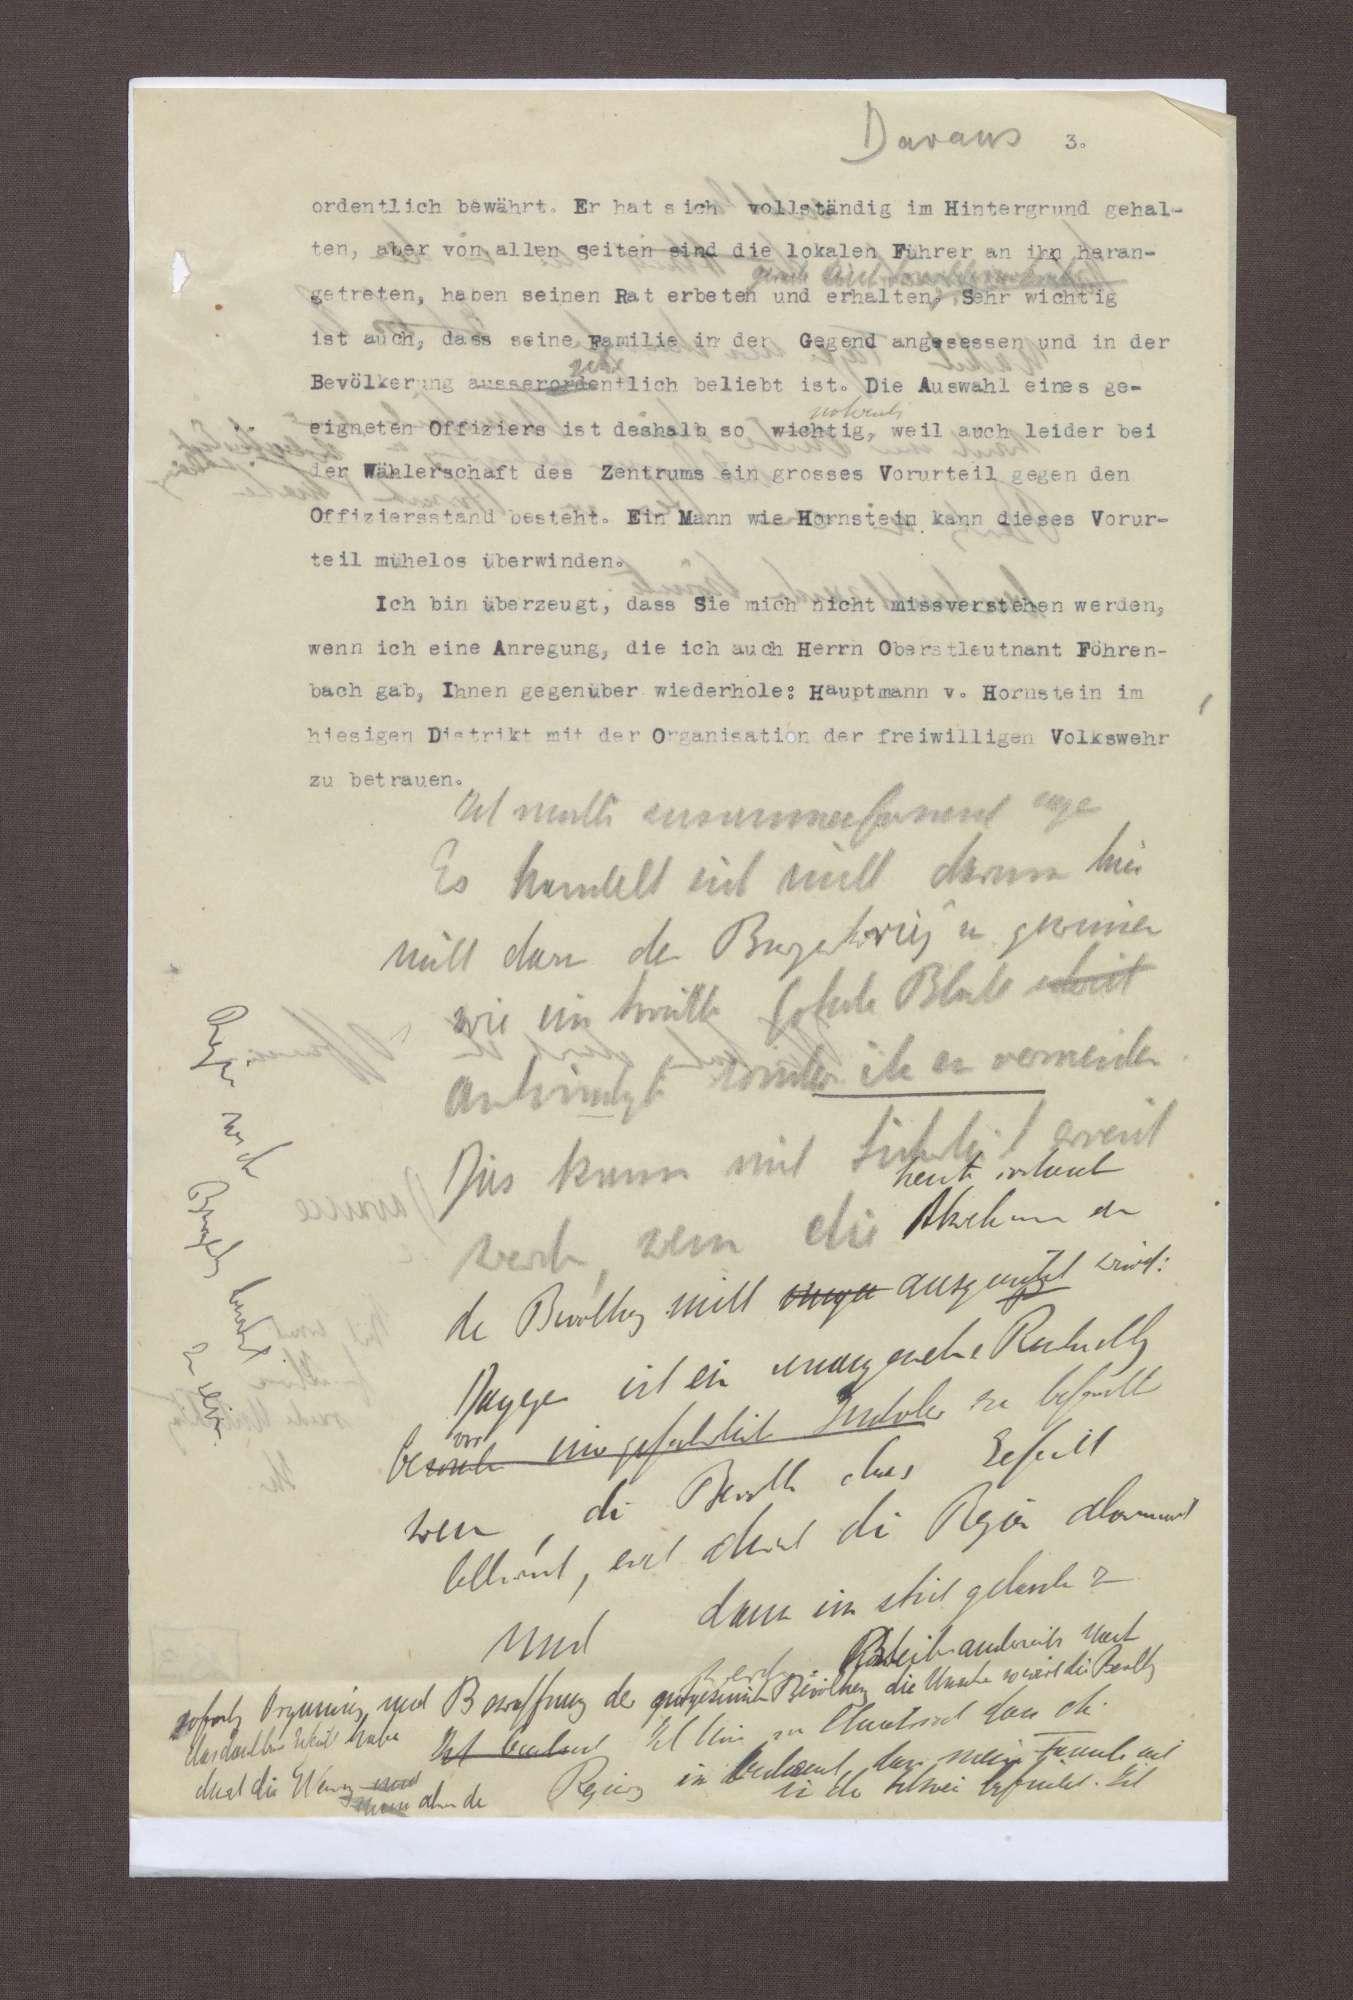 Schreiben von Prinz Max von Baden an Julius von Dawans; Politische Lage im Seekreis; Spartakisten in Friedrichshafen und Bedrohung der Familie Max von Badens, Bild 2